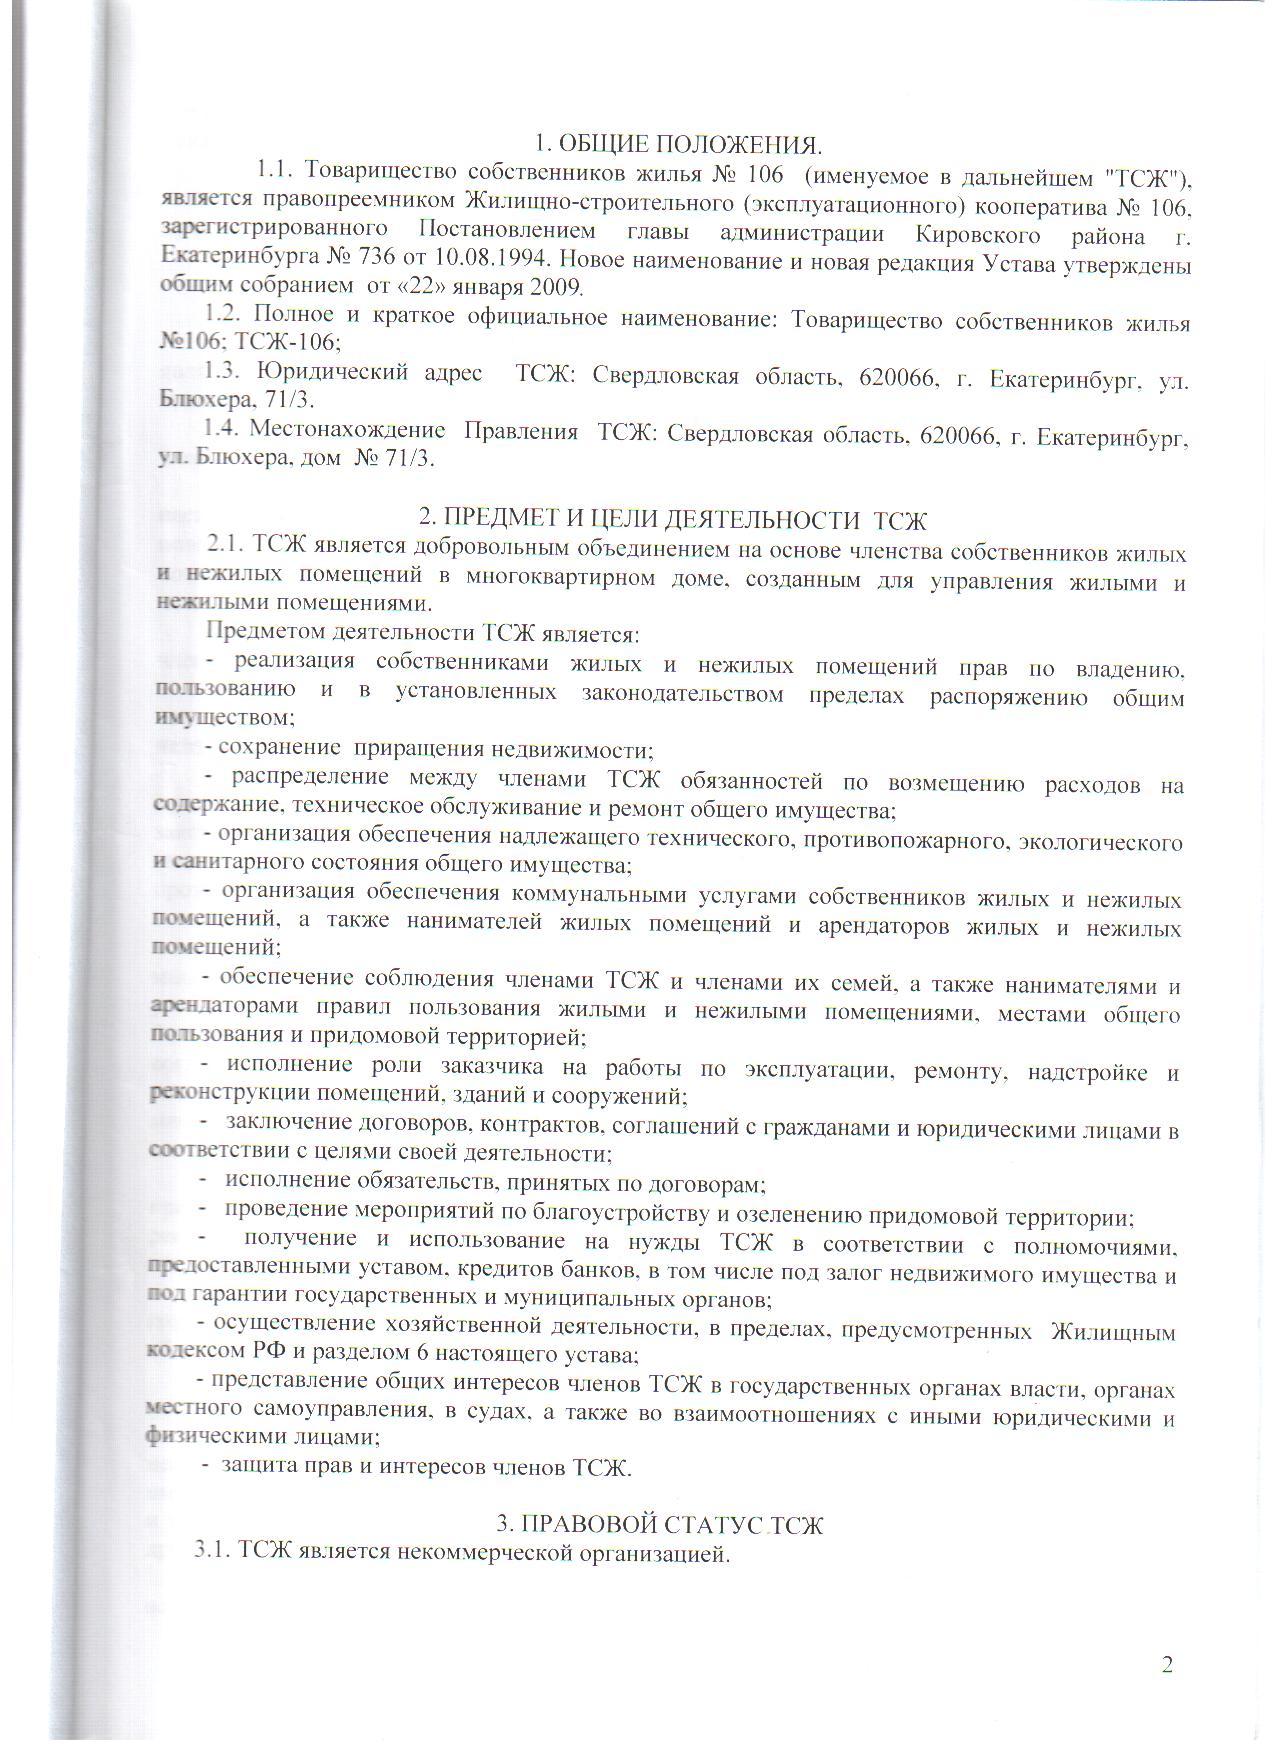 chislo-chlenov-tovarishestva-sobstvennikov